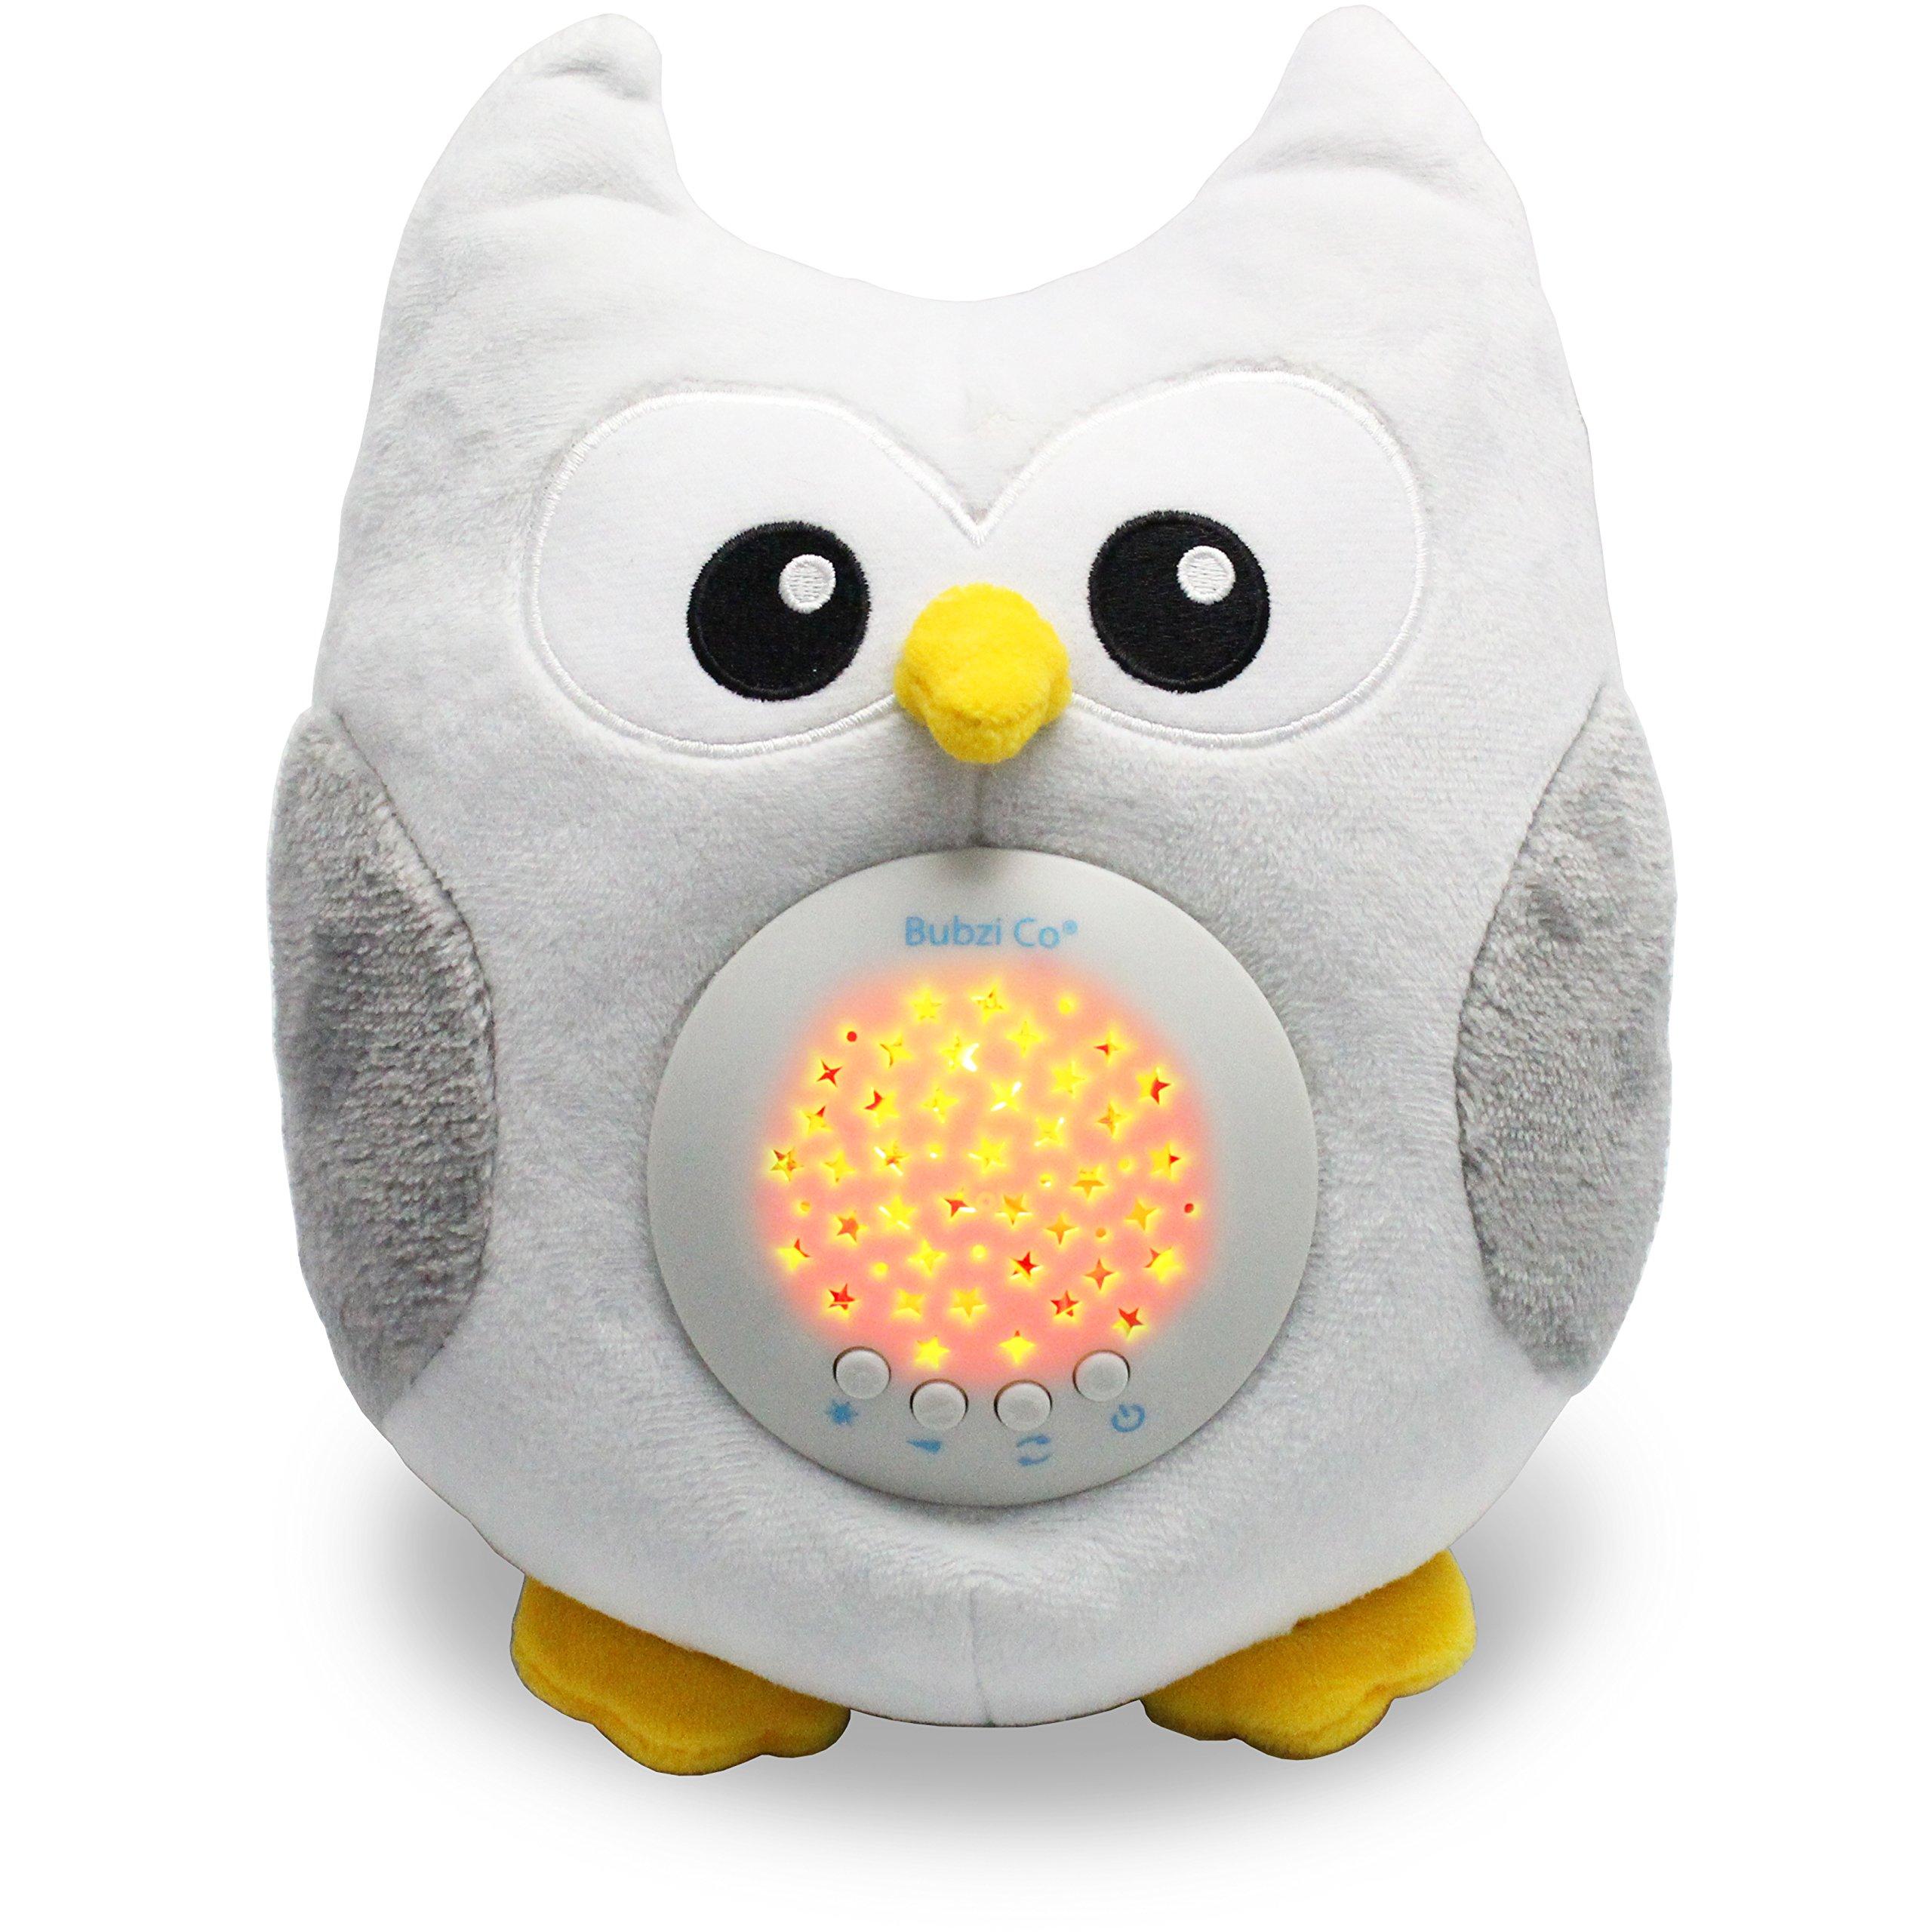 Bubzi co baby sleep aid night light shusher sound machine baby gift led